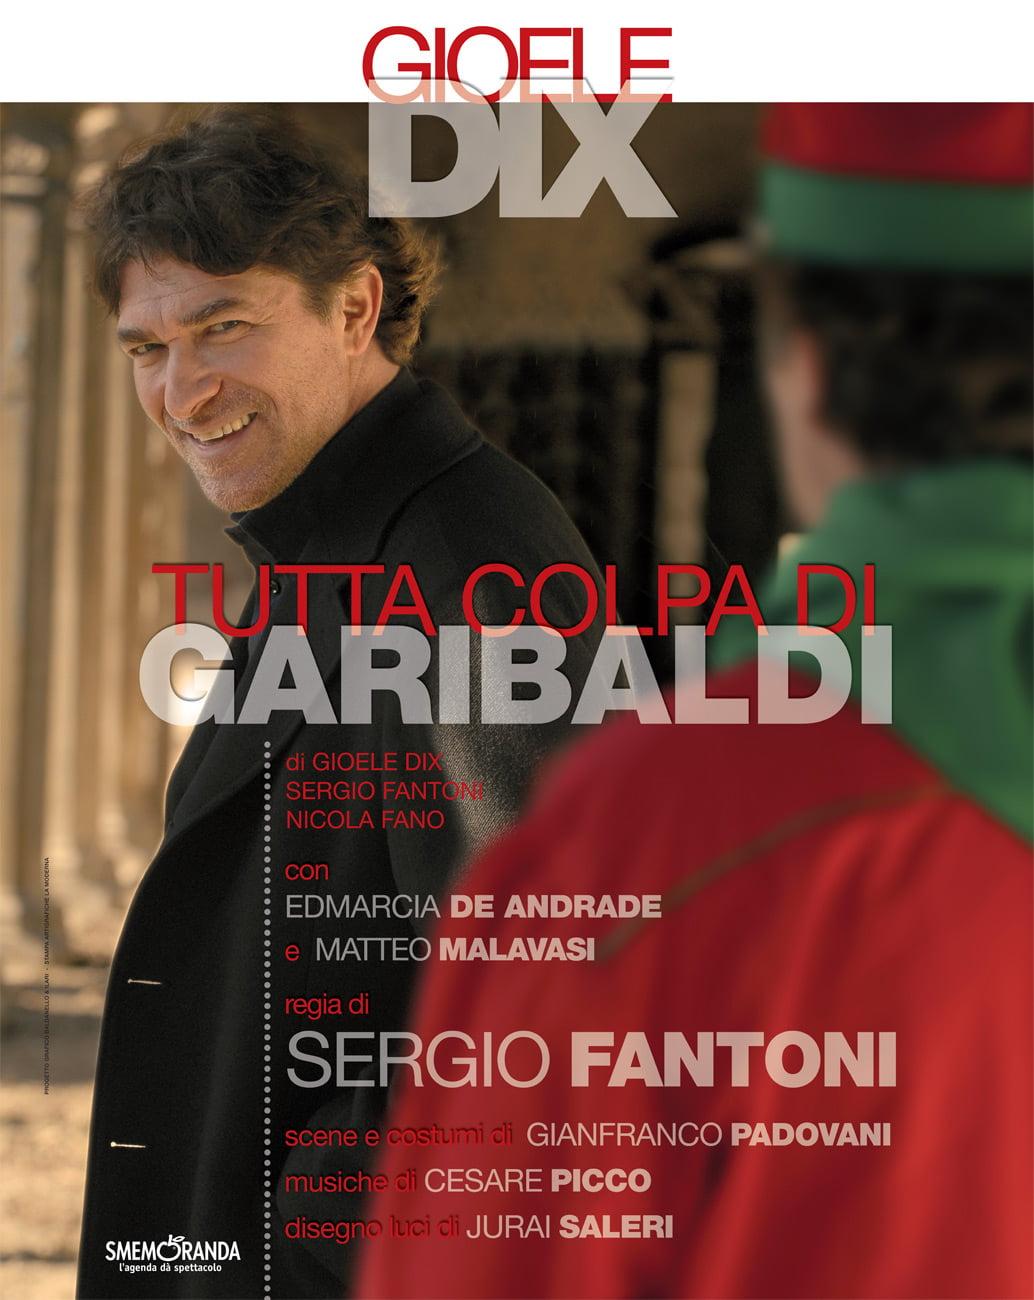 Tutta Colpa di Garibaldi Poster